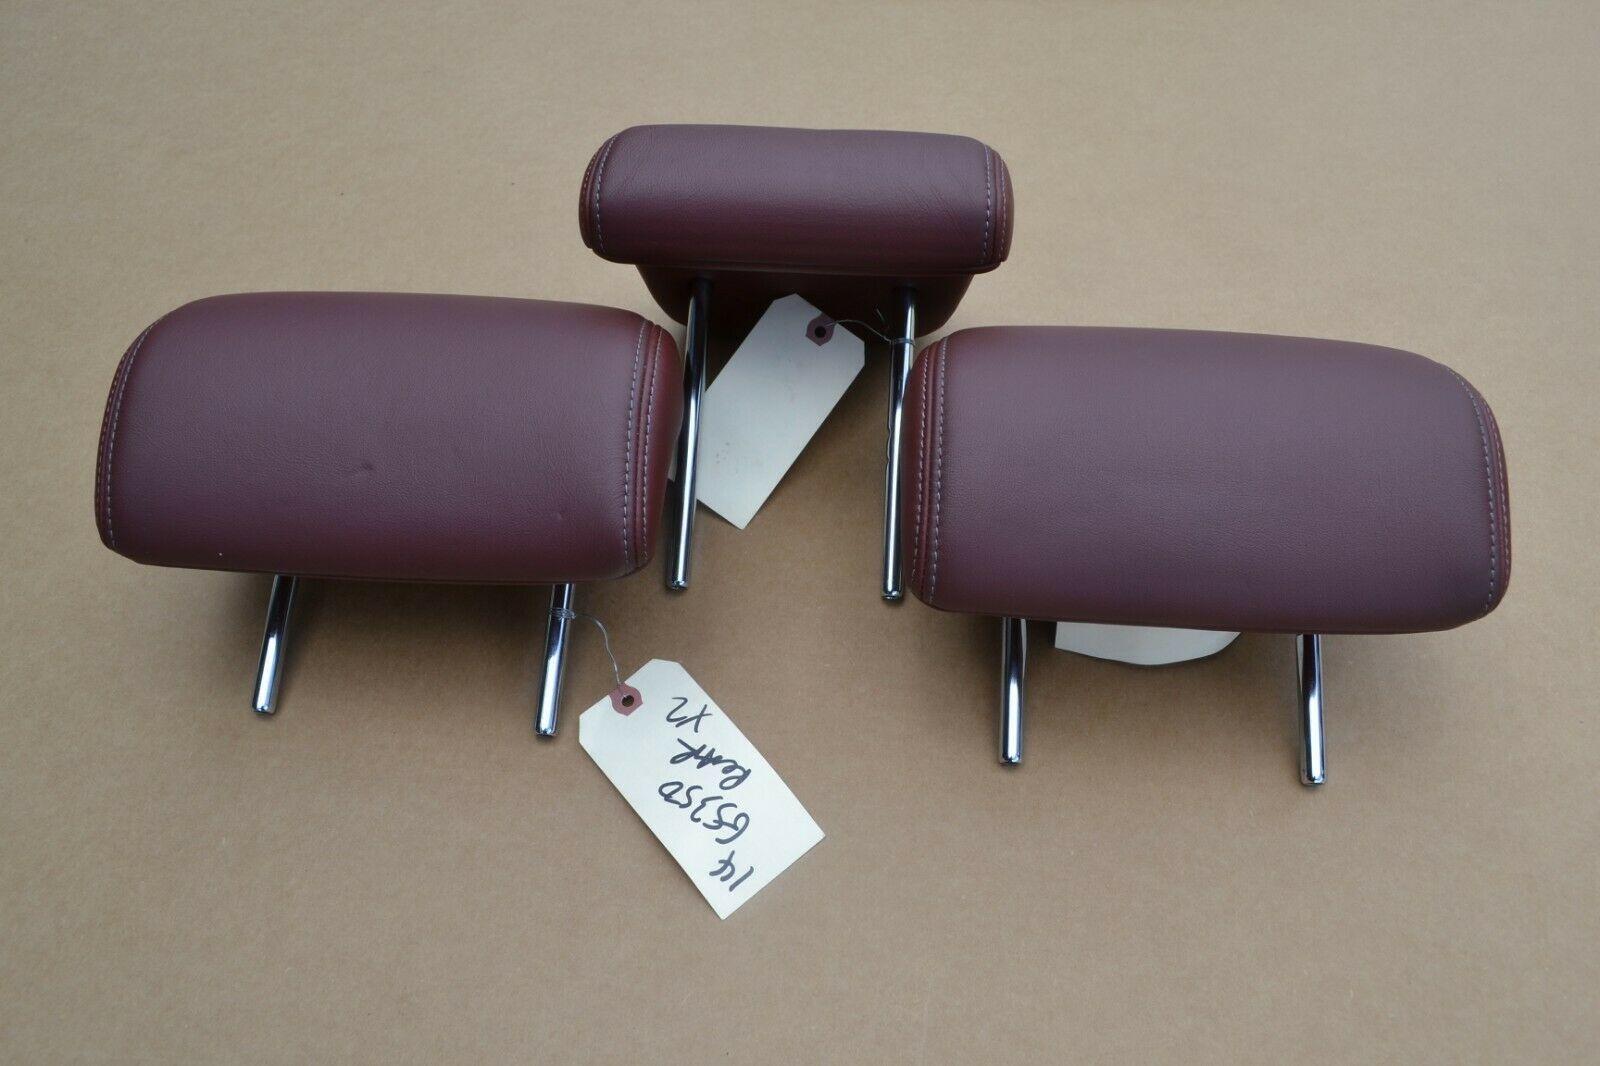 13 14 15 Lexus GS350 FSport  Rear Seat Leather Head Rest Set Red Oem  - $210.01